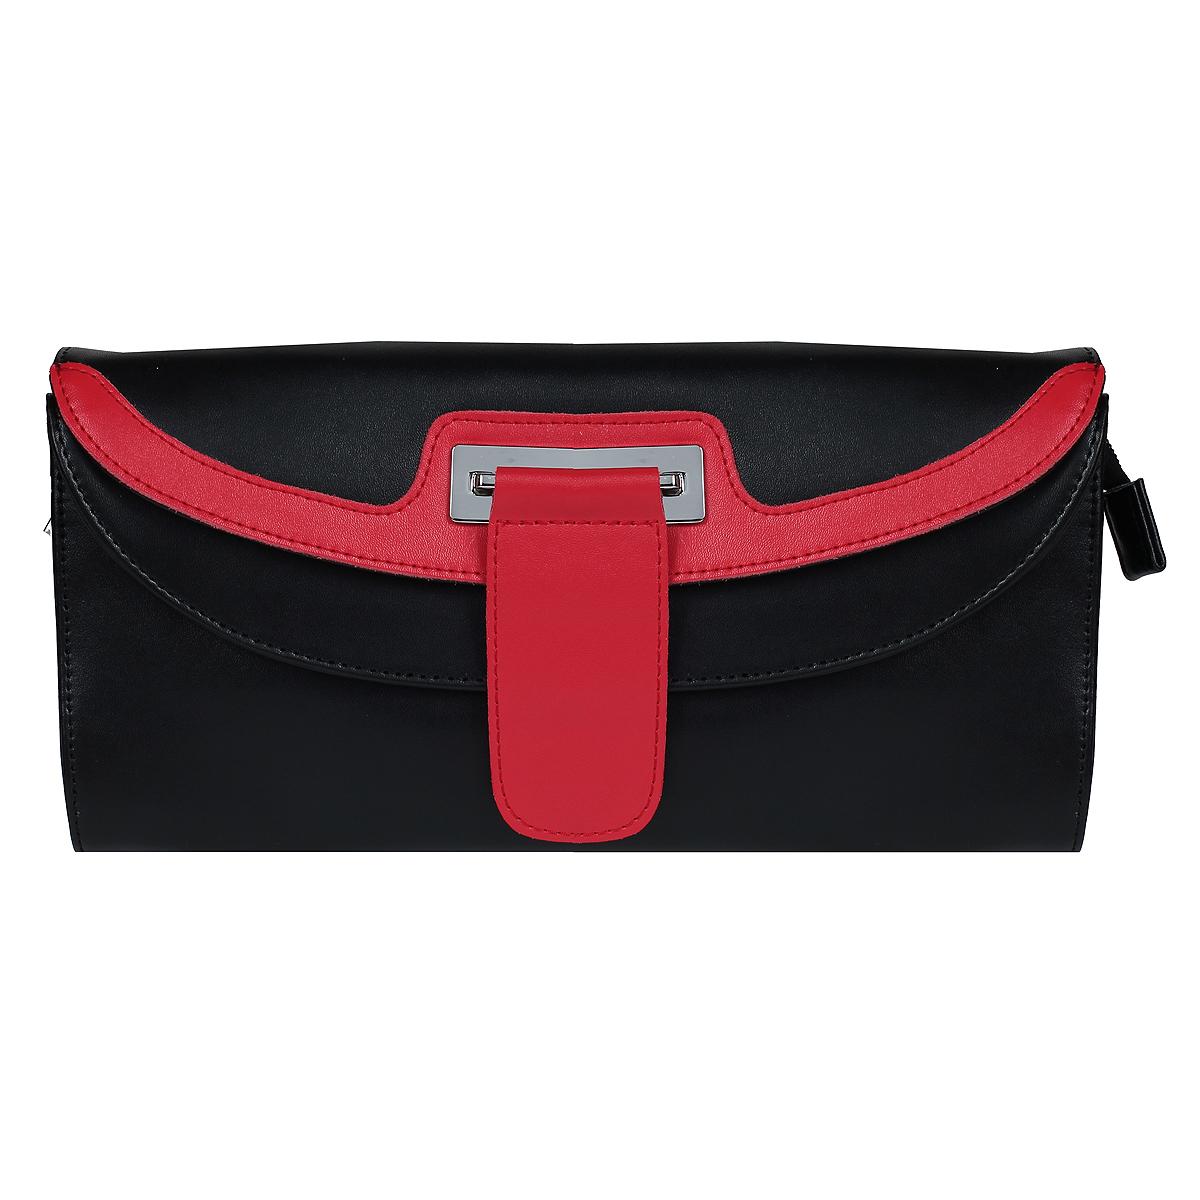 Клатч Flioraj, цвет: черный, красный. 570500-1/2570500-1/2 черн/красИзысканный и модный клатч Flioraj выполнен из натуральной кожи черного и красного цветов. Клатч застегивается на молнию и дополнительно клапаном на магнитную кнопку. Внутри расположено - одно отделение, в котором расположен вшитый кармашек на молнии и два кармашка для мелочей и телефона. Также на внешней стороне расположена обманка на двух магнитных кнопках. На задней стороне сумки расположен вшитый кармашек на молнии. К клатчу прилагаются два съемных ремня, один из которых регулируется. Такой клатч станет идеальным дополнением к весеннему настроению.